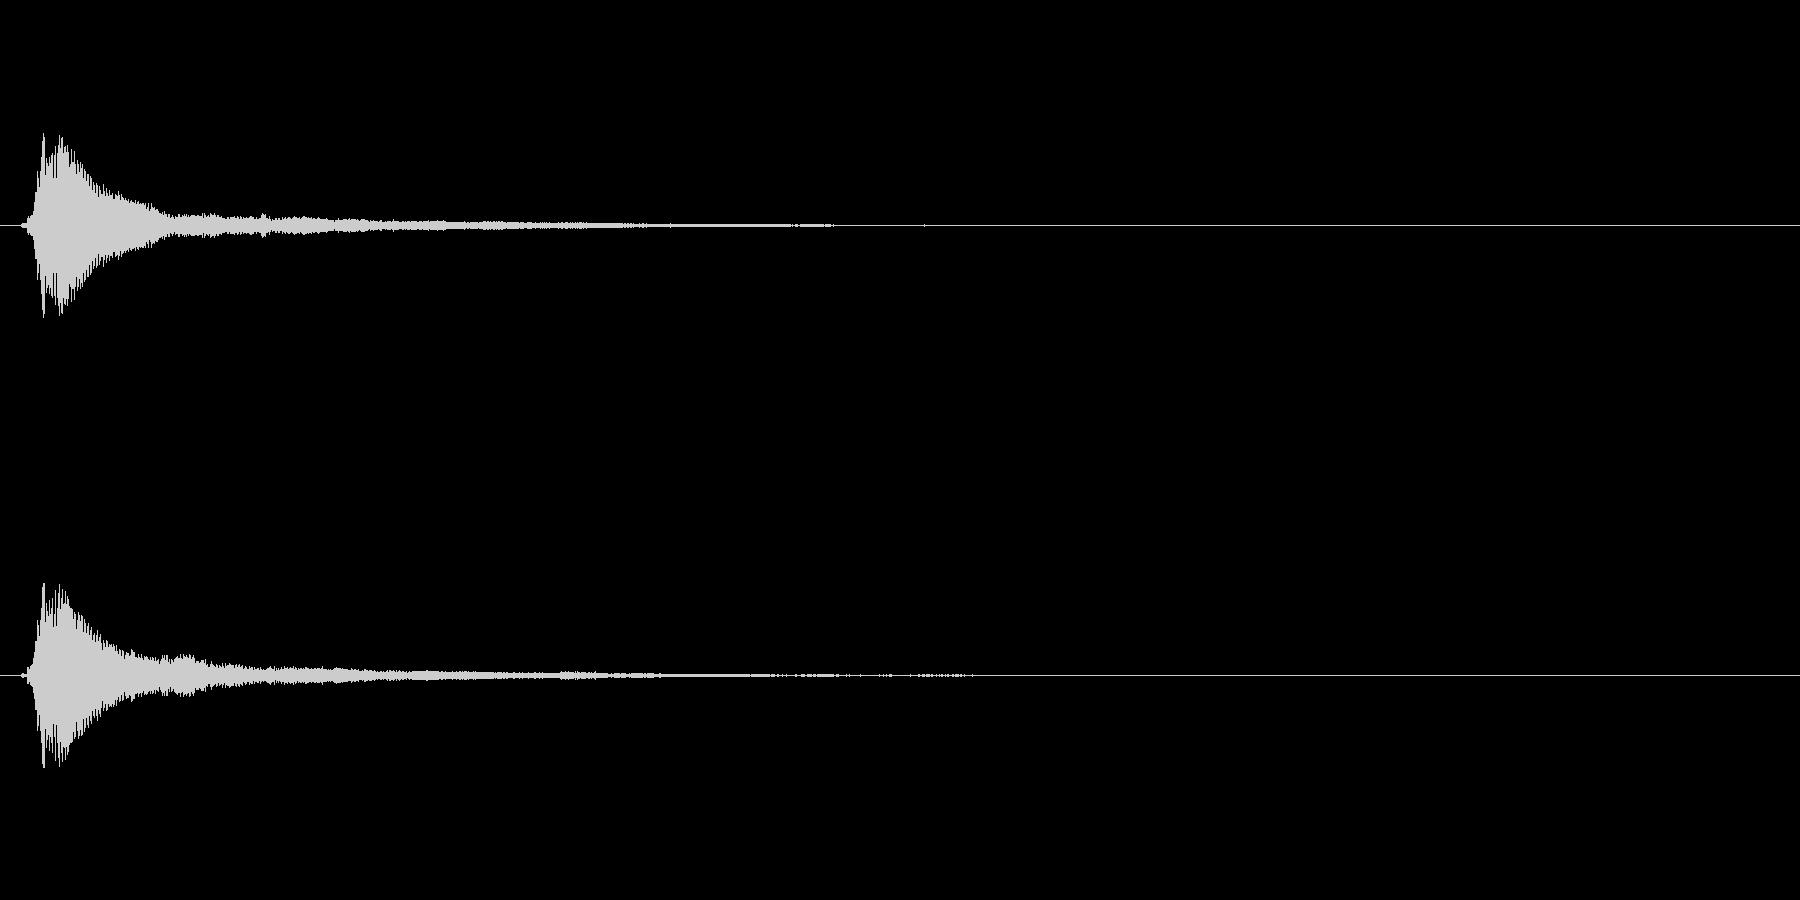 サウンドロゴ(企業ロゴ)_019の未再生の波形